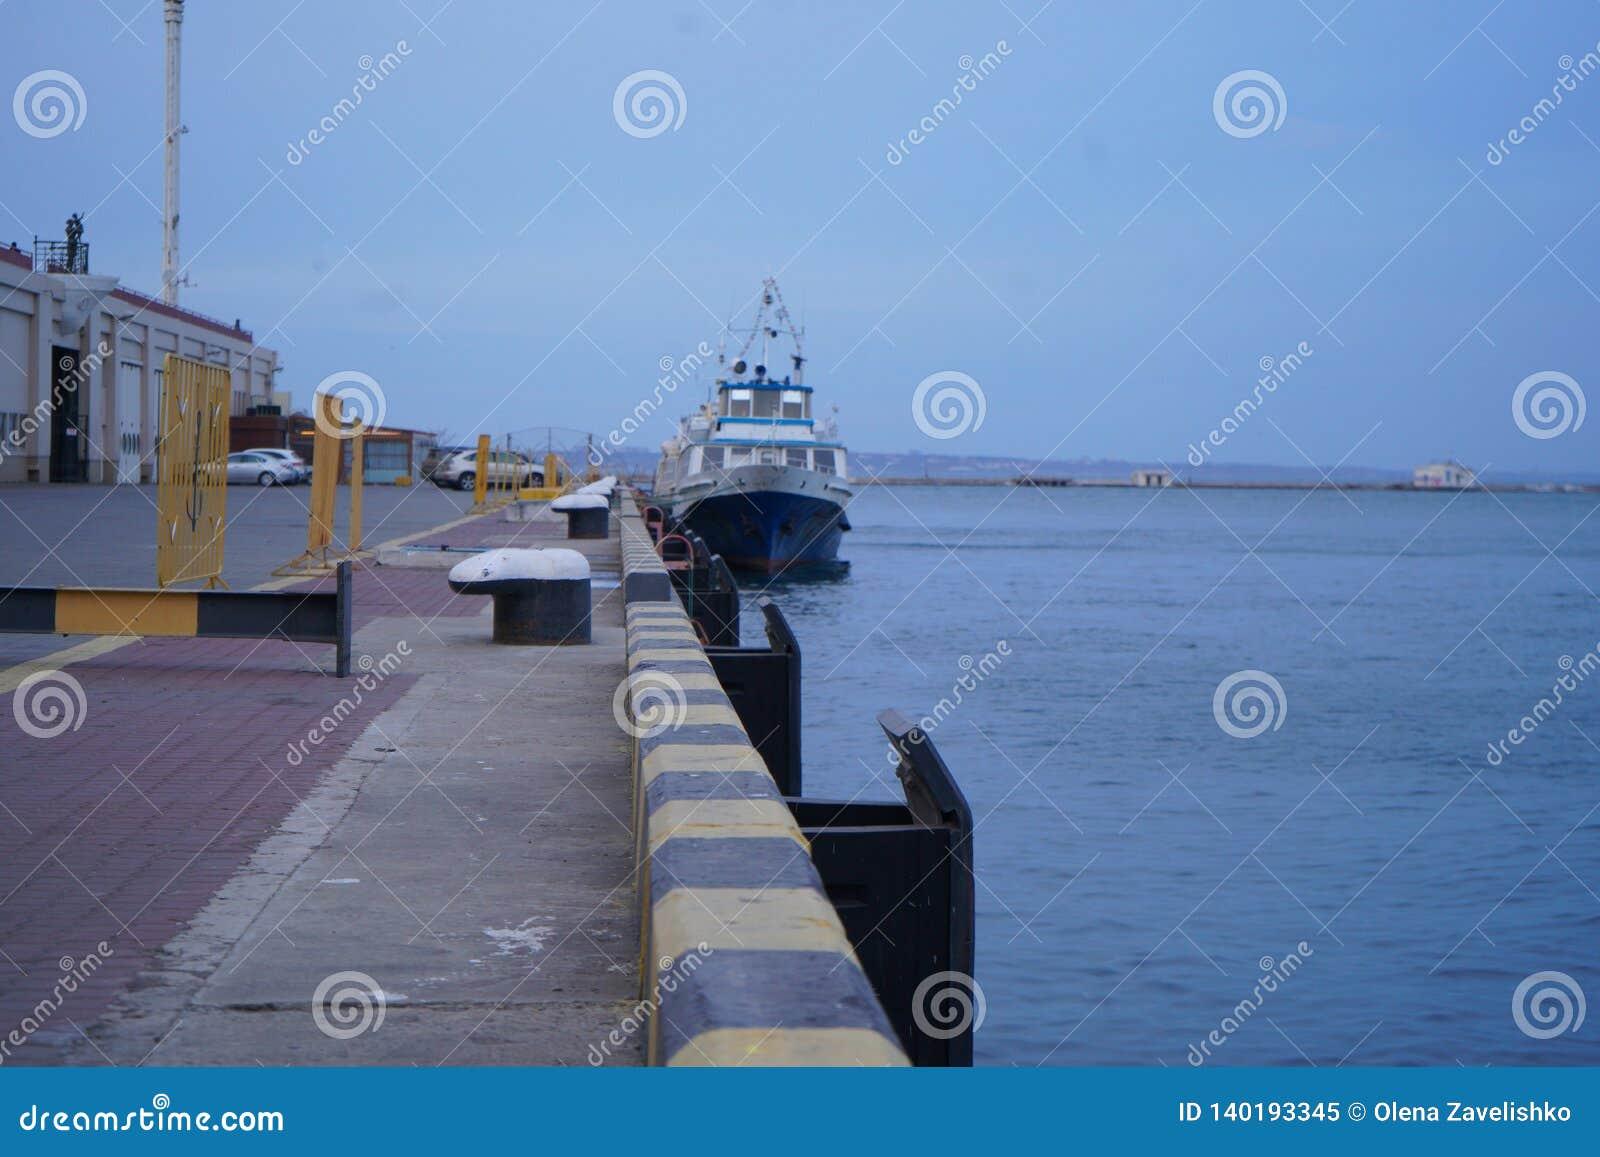 Ładunku statek wiązał dla doku przy portem morskim, plandeka w górę, szeroki kąta widok, słoneczny dzień, niebieskie niebo Łódkow